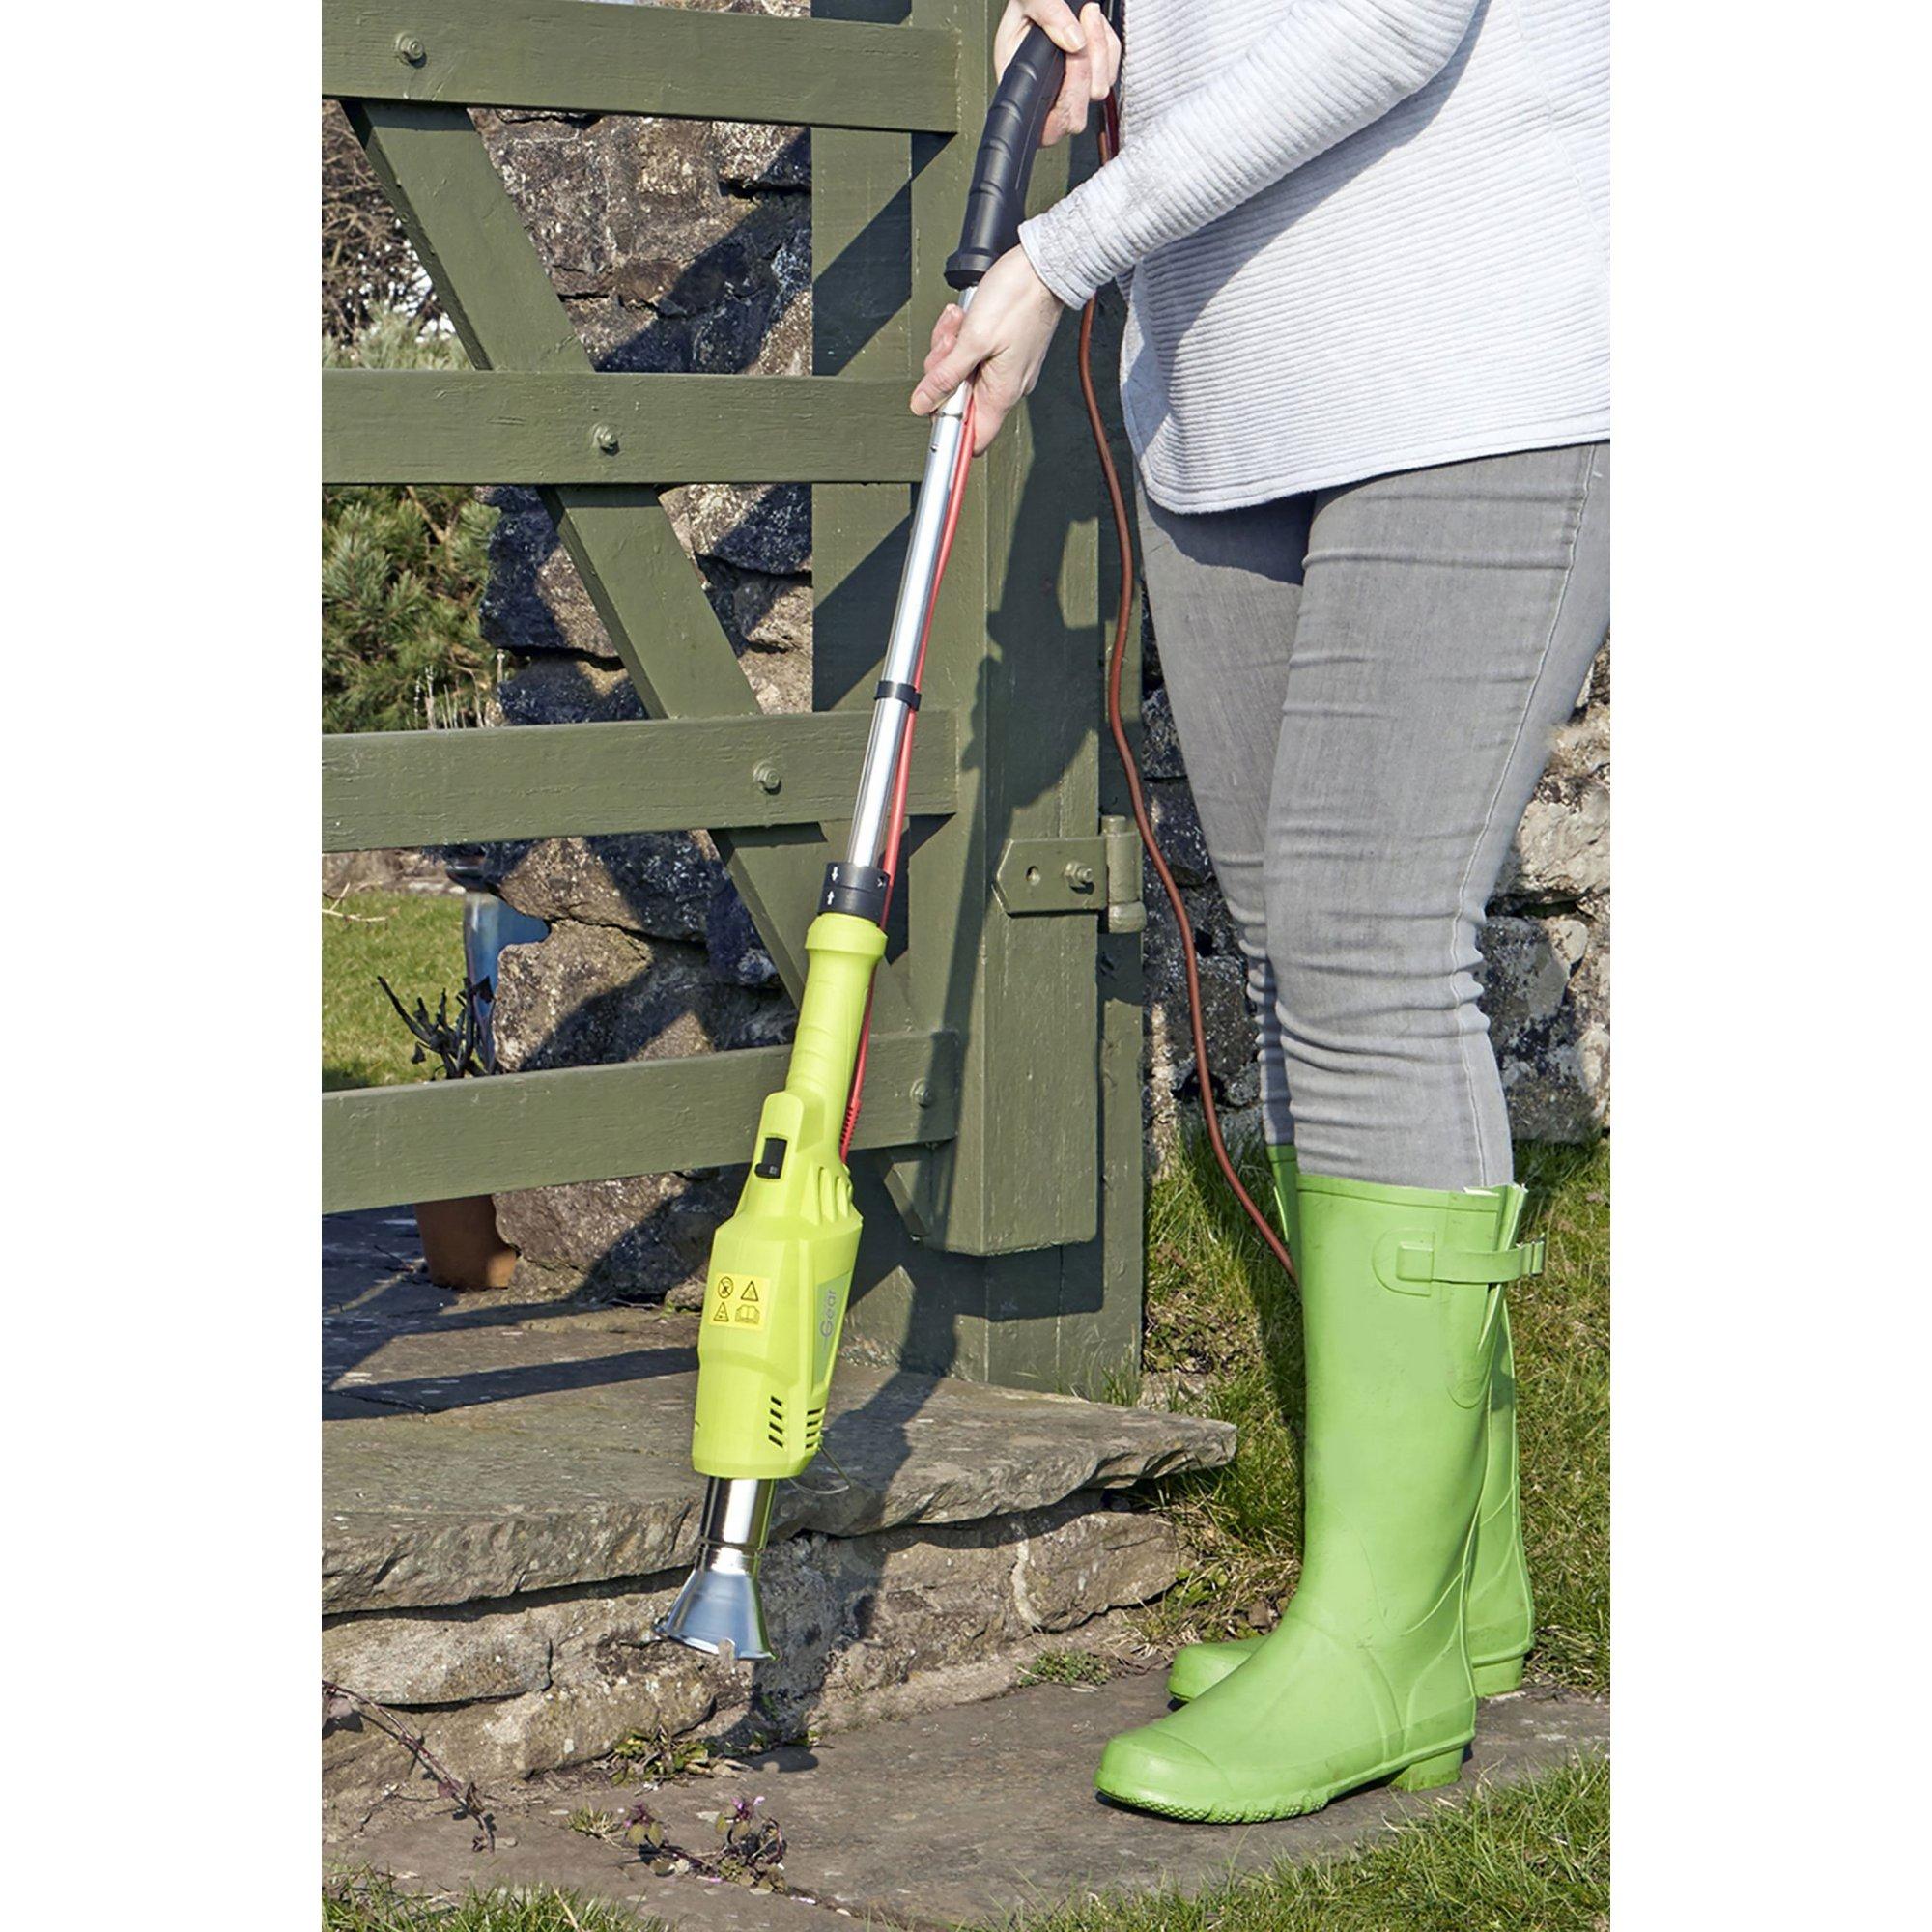 Image of Garden Gear Weed Burner